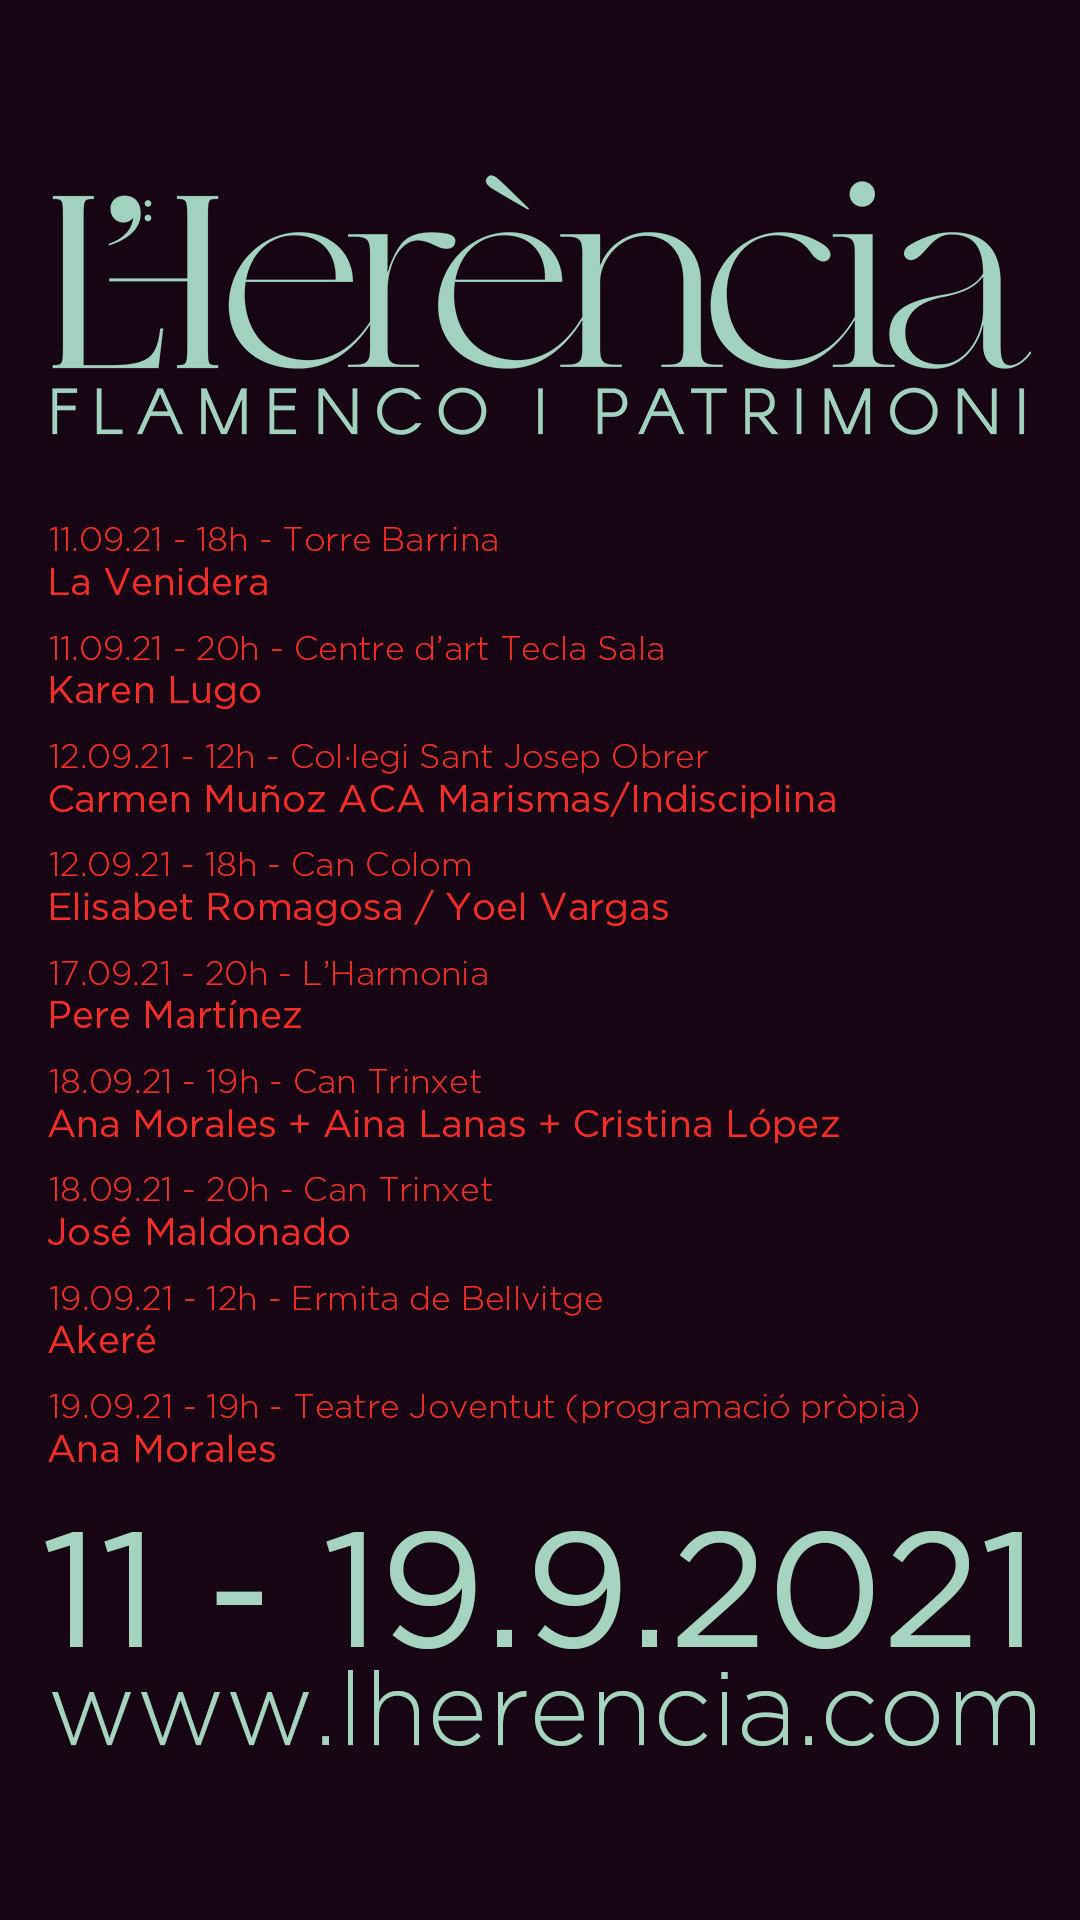 L'Herencia Flamenca